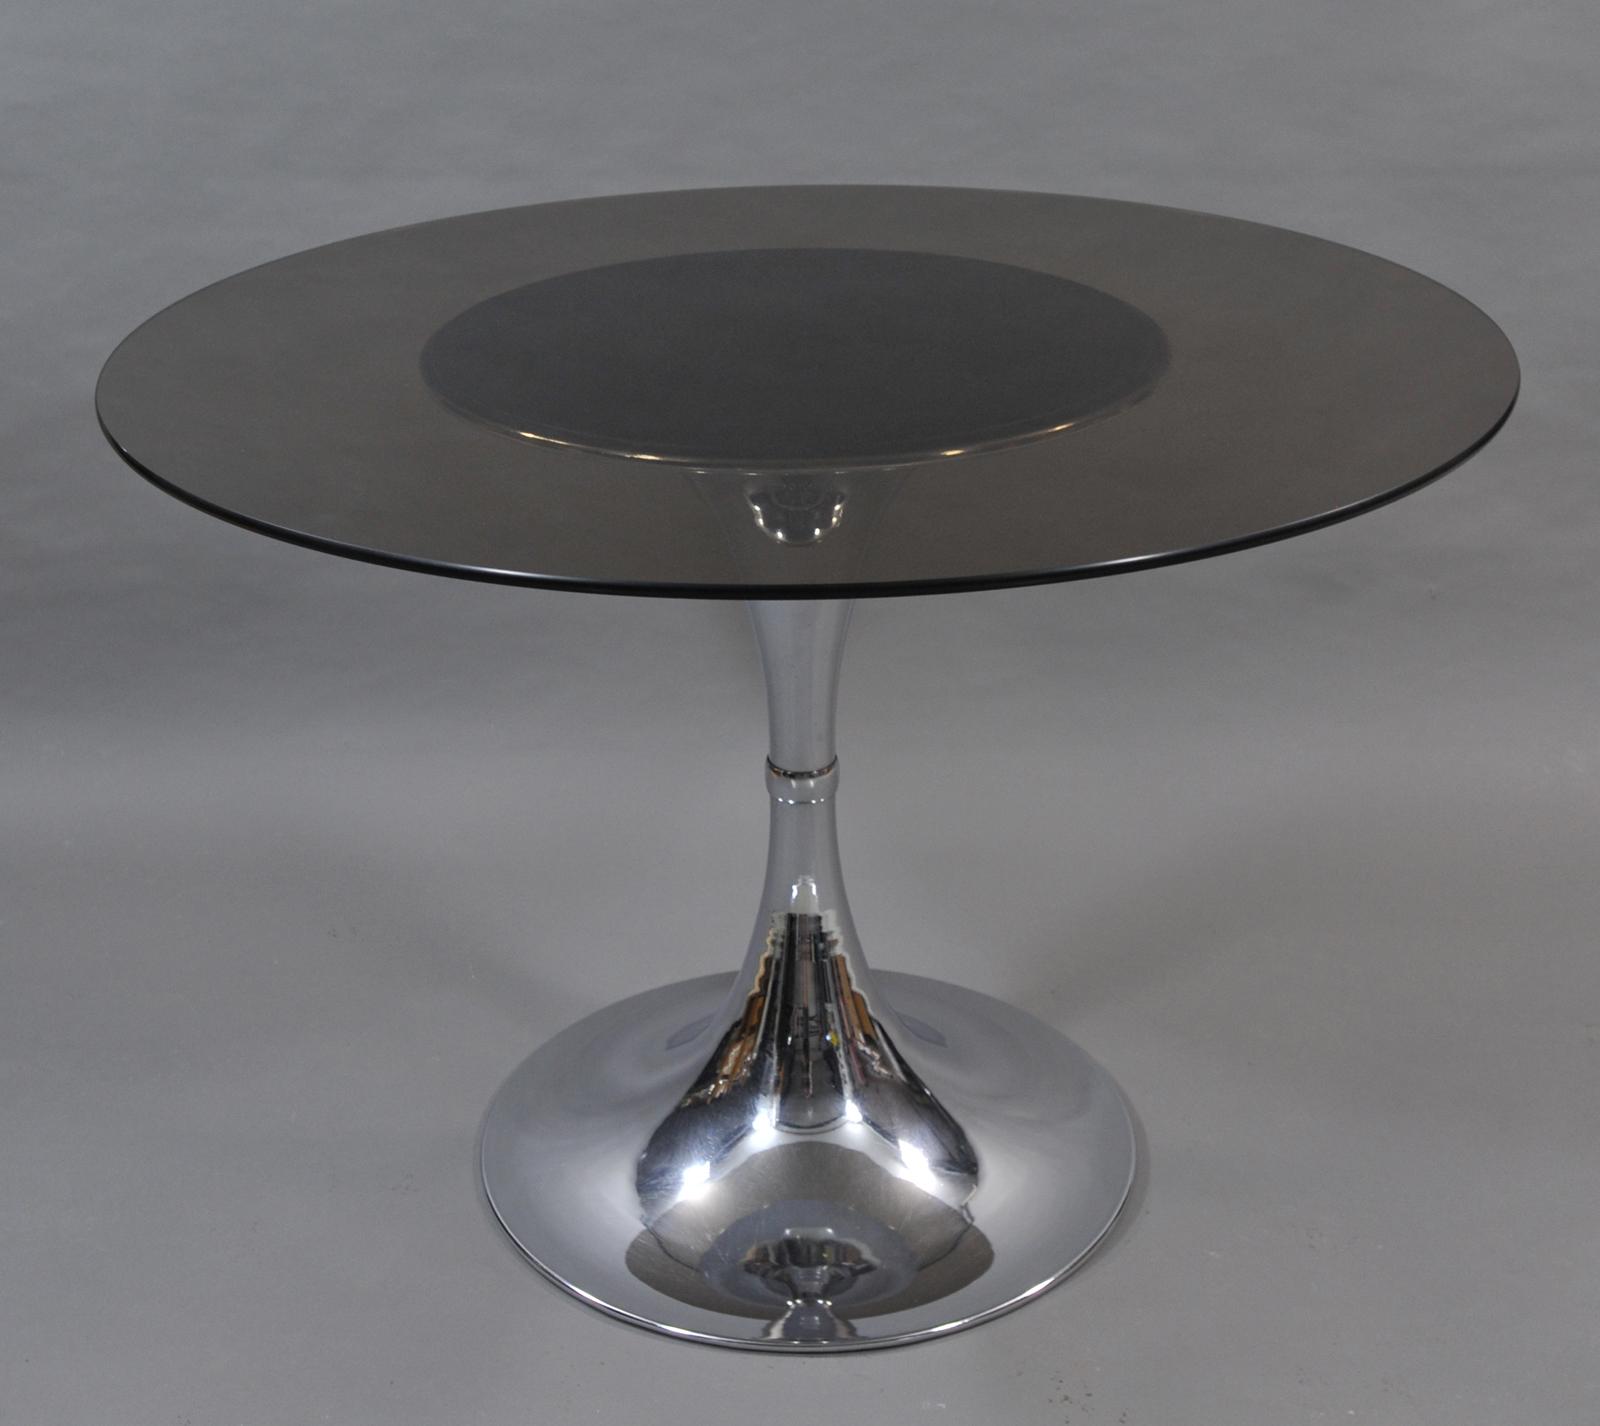 CastiglioniModulolab BonacinaAchille CastiglioniModulolab Table TracBbb BonacinaAchille TracBbb Table 5ALq43SRjc